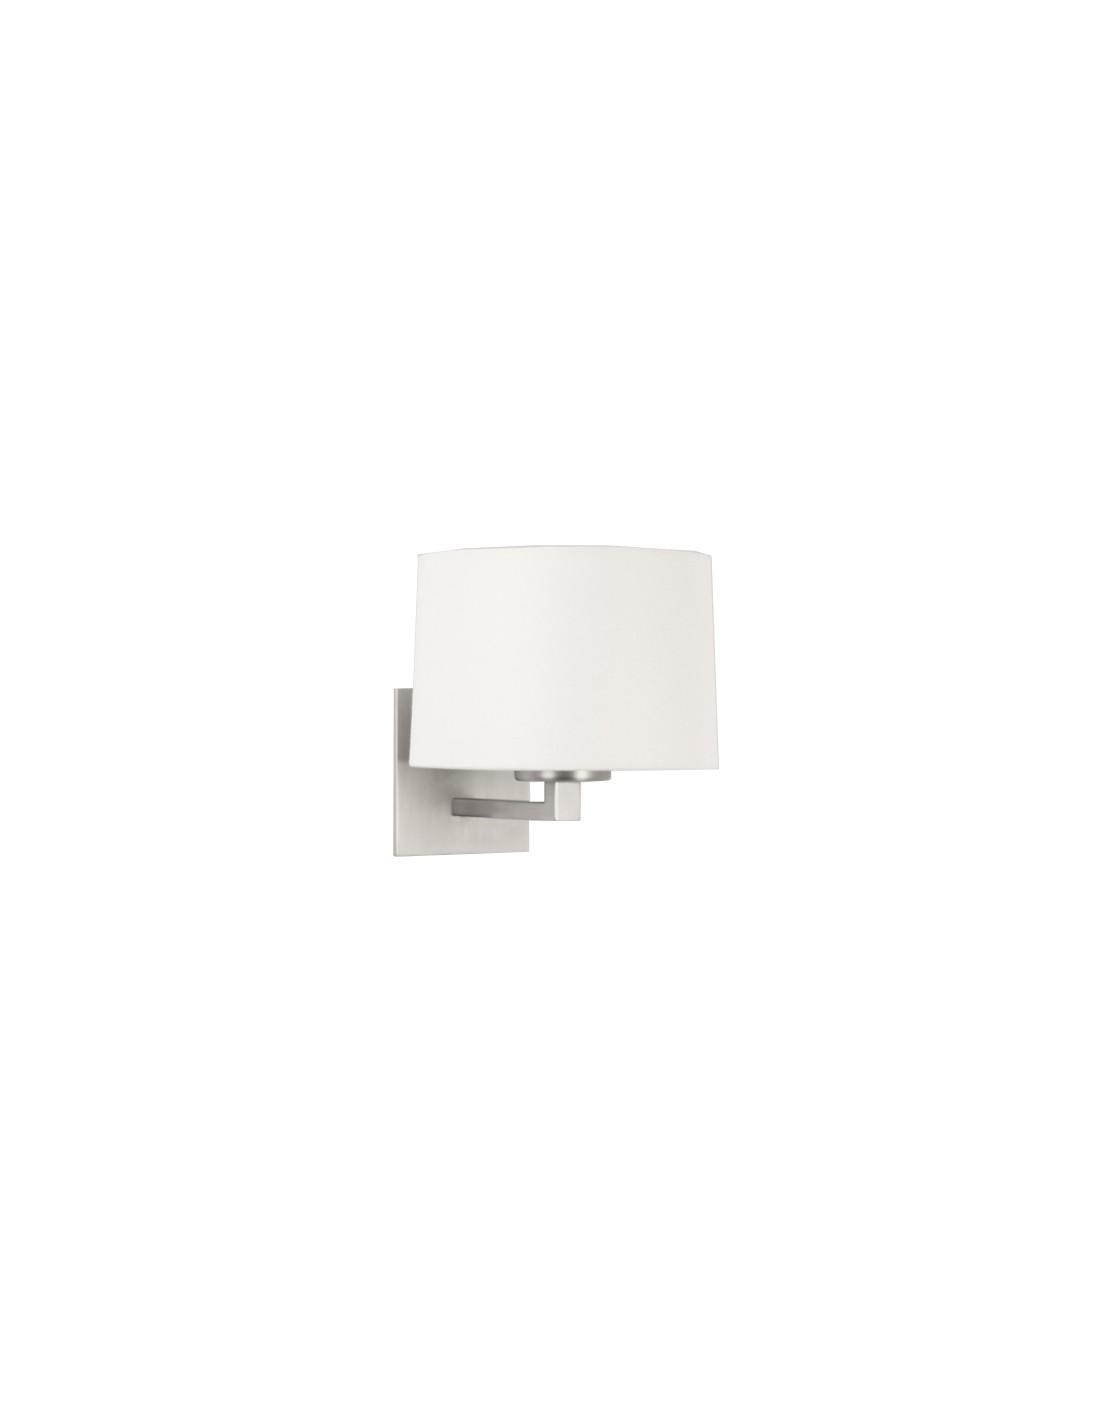 applique  azumi nickel mat abat-jour blanc Astro Lighting